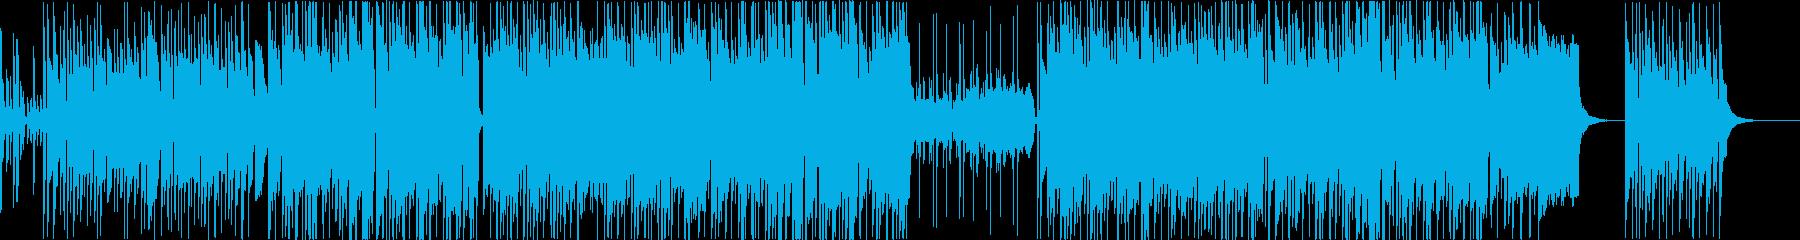 和風でコミカルなエレクトロサウンドの再生済みの波形